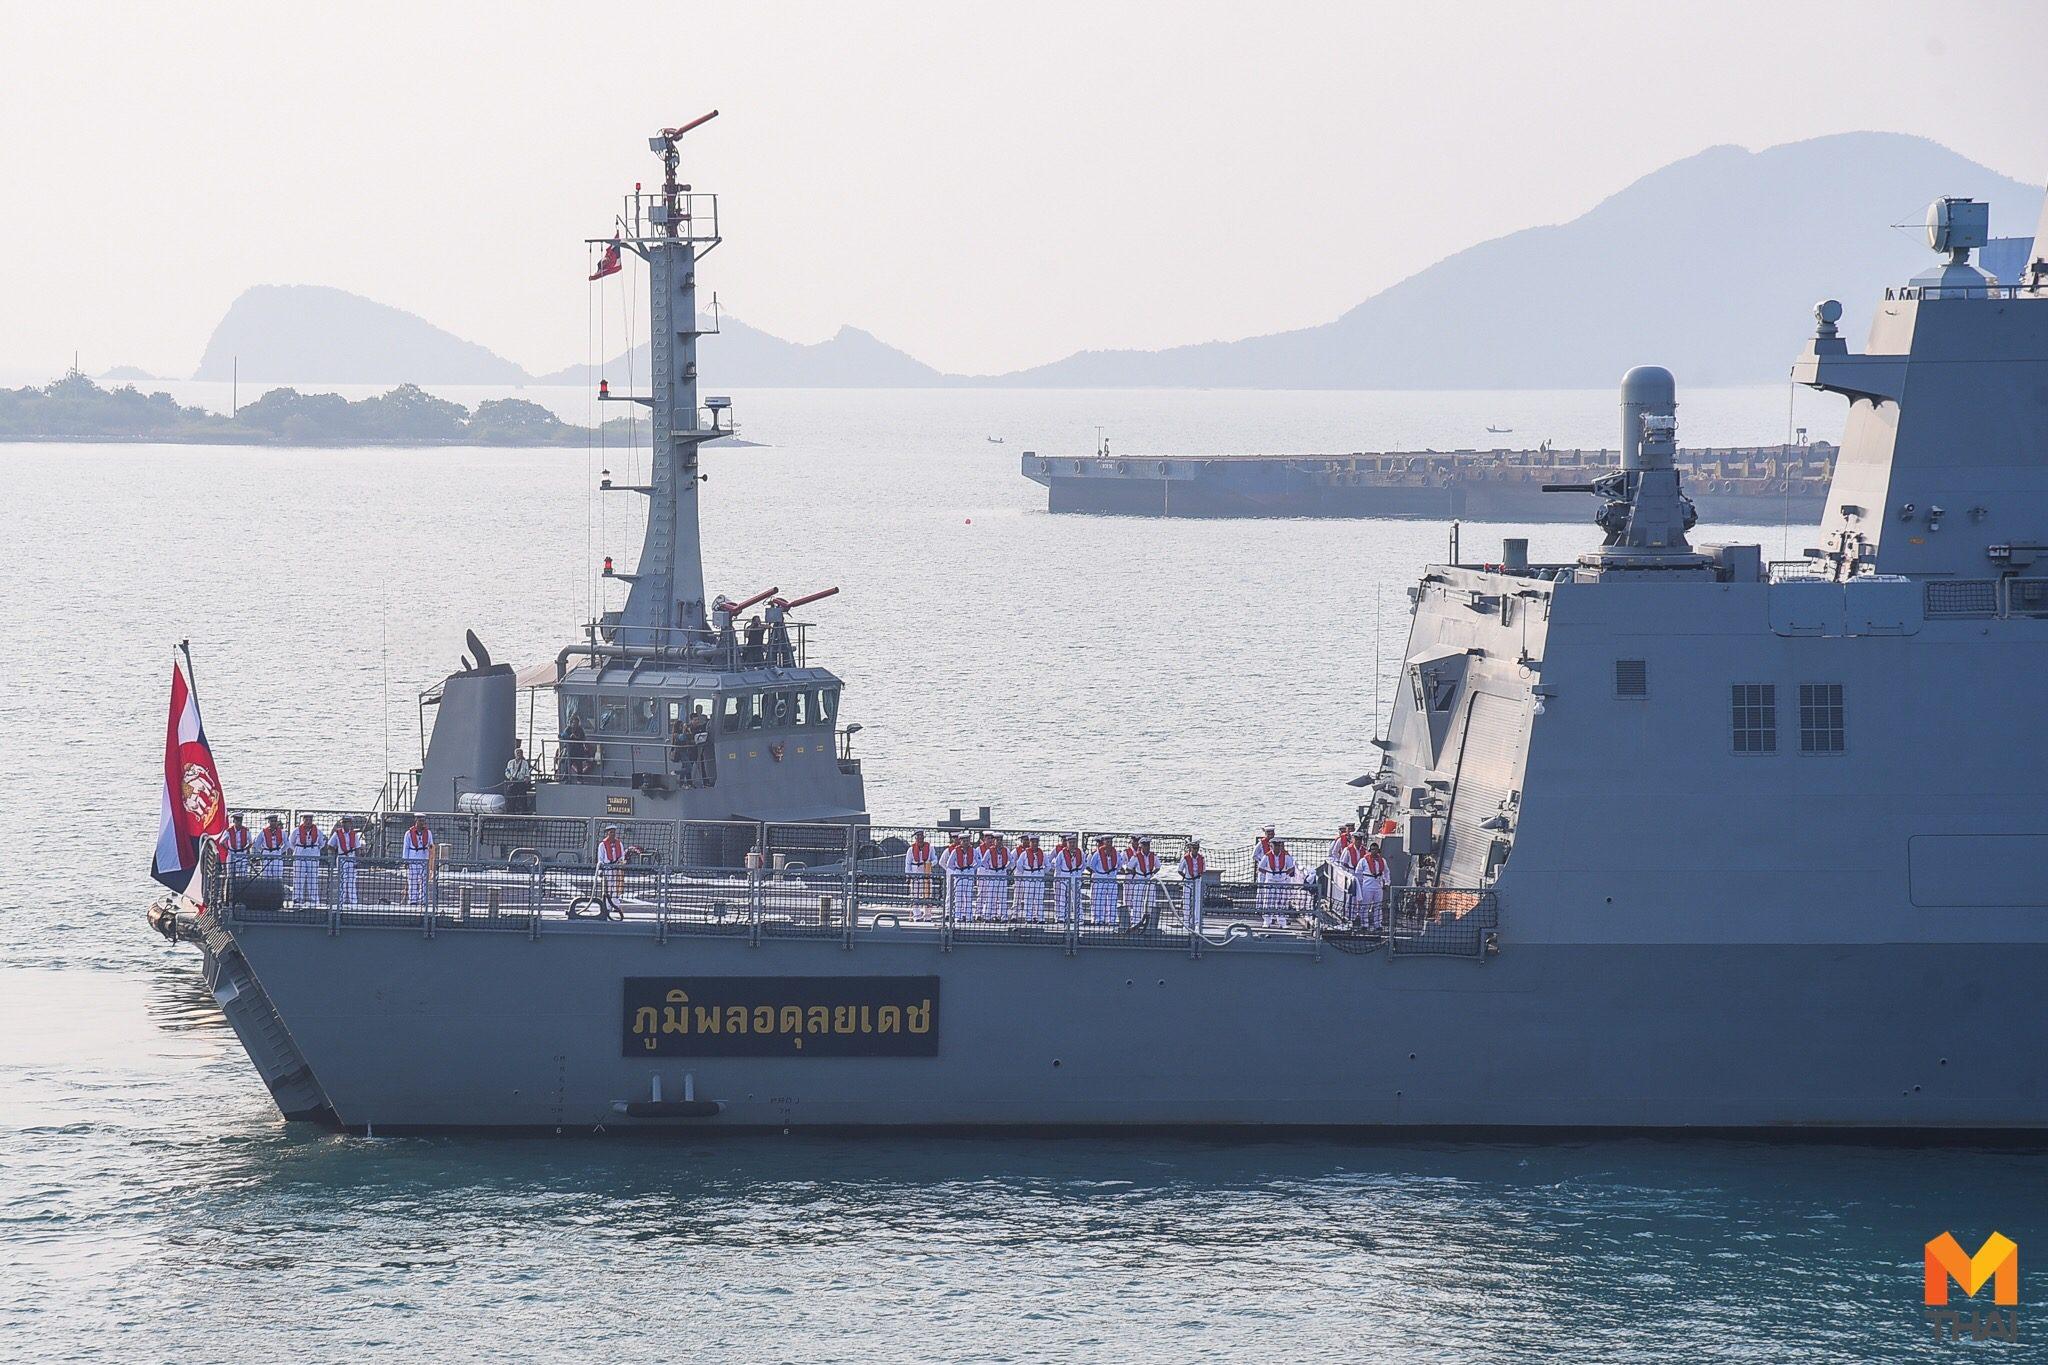 เสริมเขี้ยวเล็บ!  กองทัพเรือ ต้อนรับ 'เรือหลวงภูมิพลอดุลยเดช' เรือฟริเกตสมรรถนะสูง